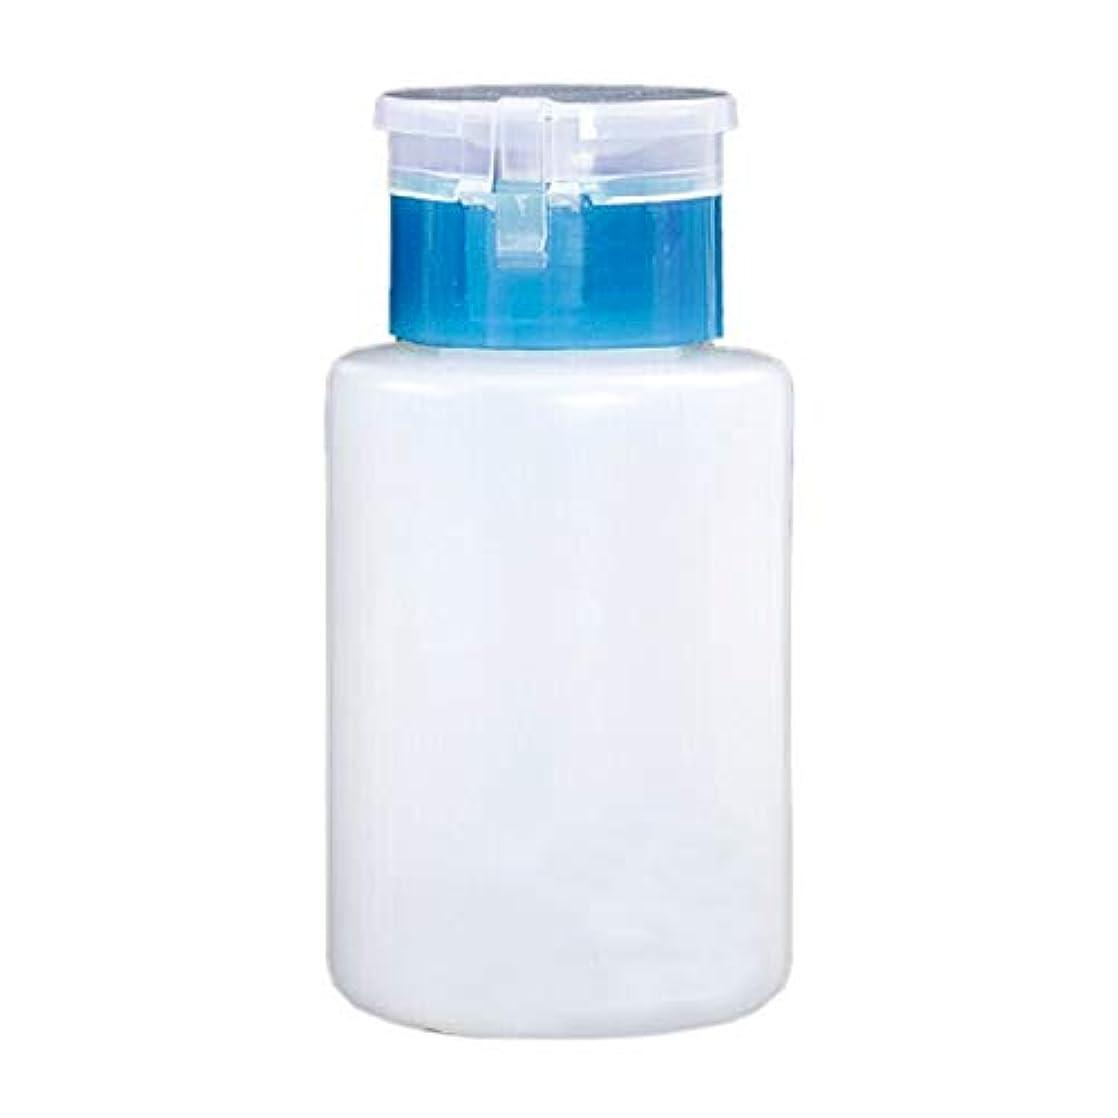 不正直おじいちゃん葉を集めるTOOGOO 150MLネイルオイルボトル メーク落としアセトンポンプ ディスペンサーボトル(ブルー)